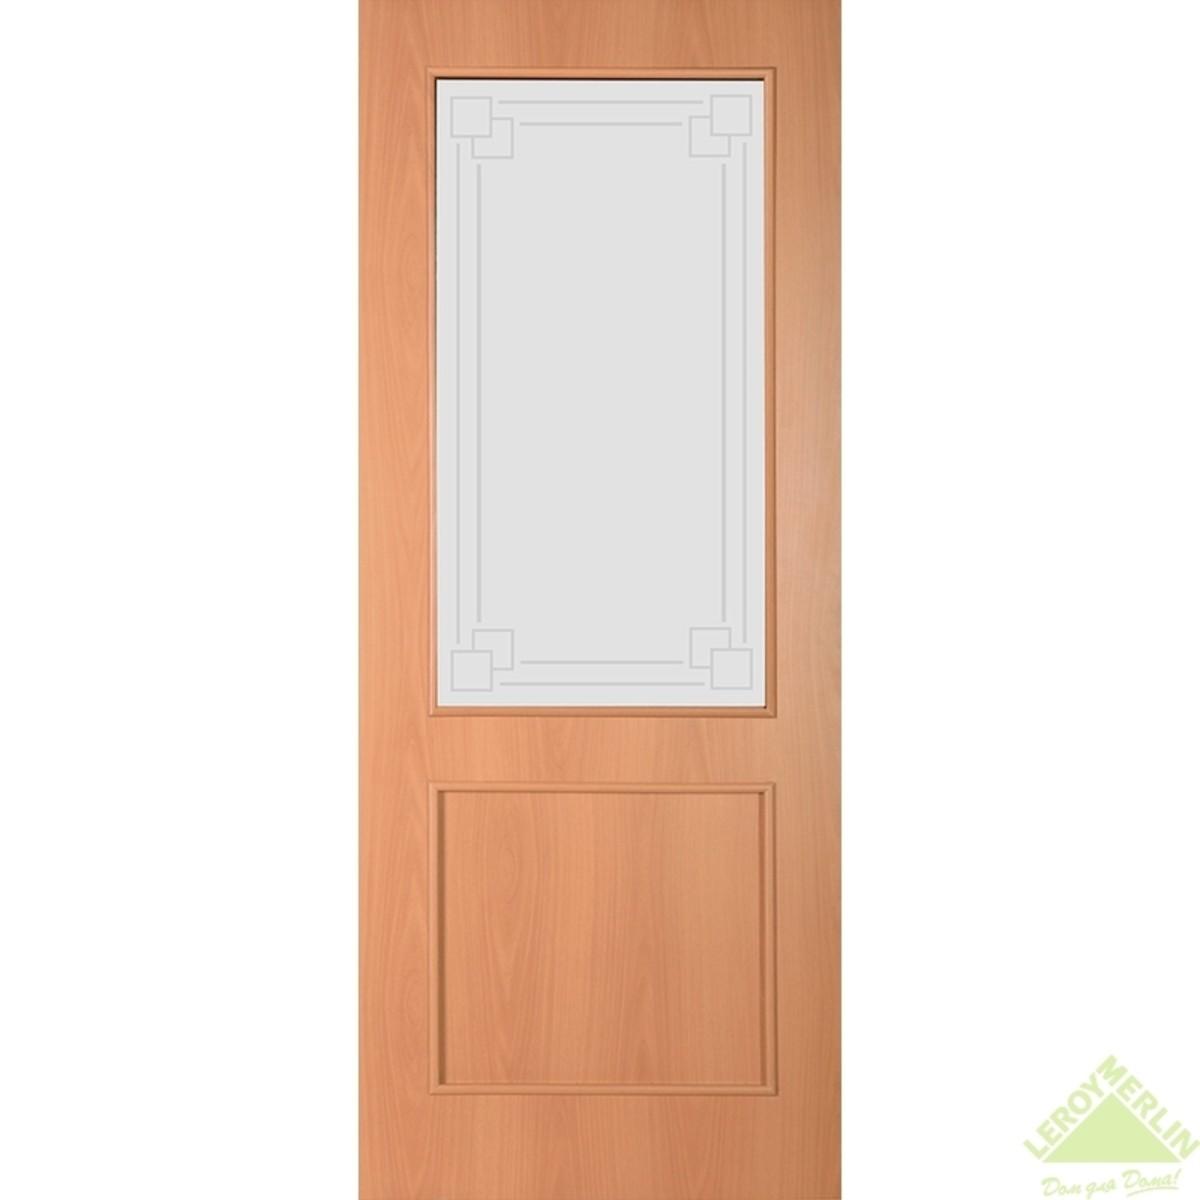 Дверное полотно остеклённое Квадро 700x2000 мм ламинация миланский орех